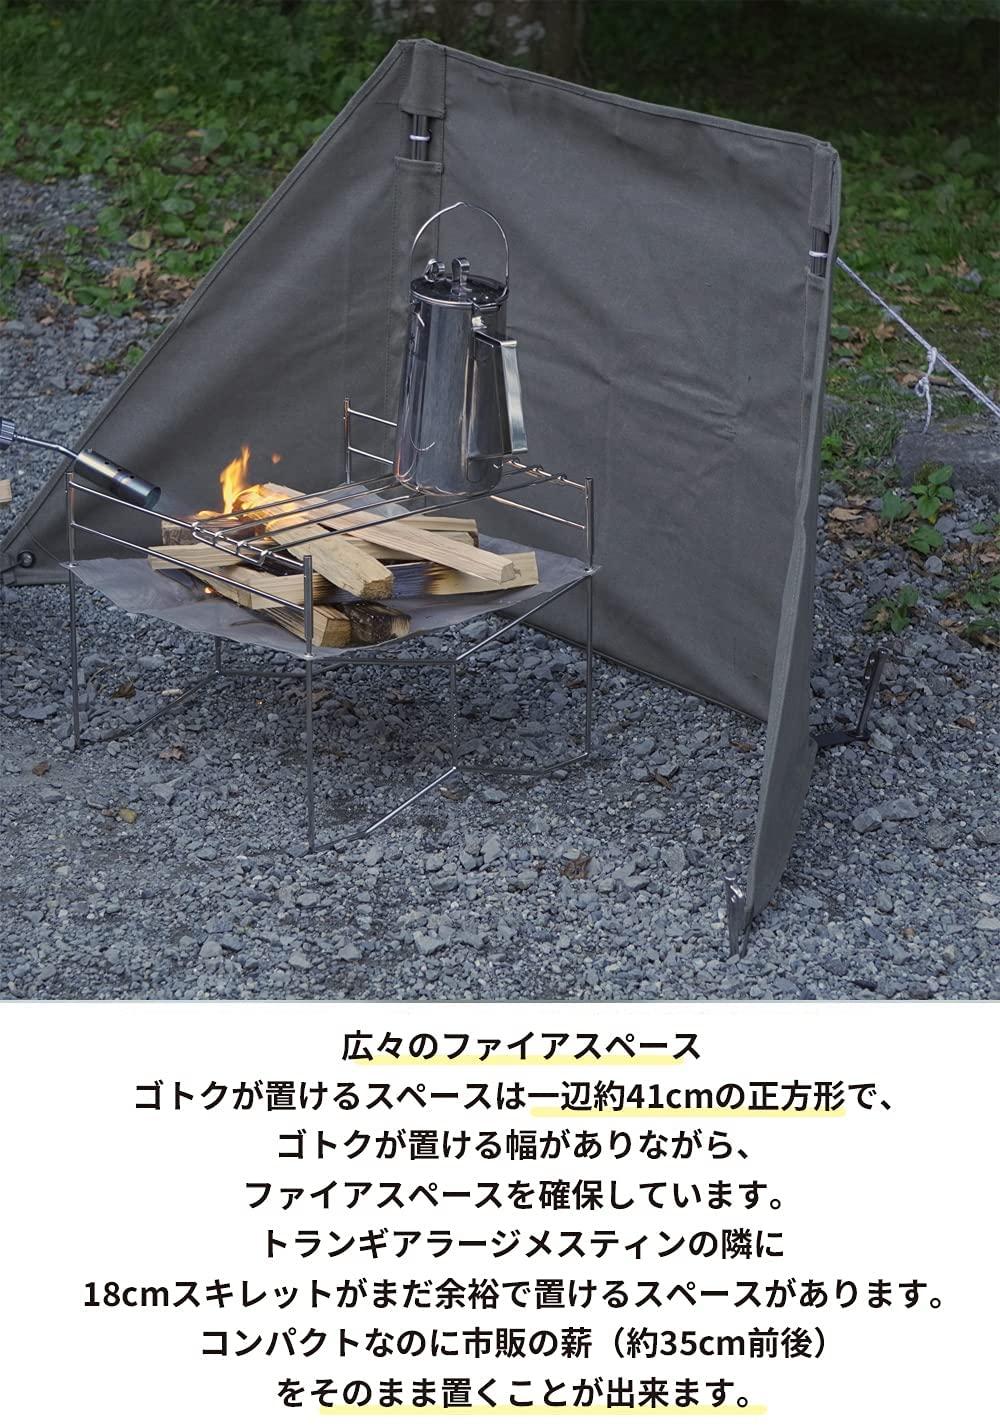 A3型  ラージ オールステンレス304 焚き火台ファン メッシュシート 帆布製ケース付き SOLO-303